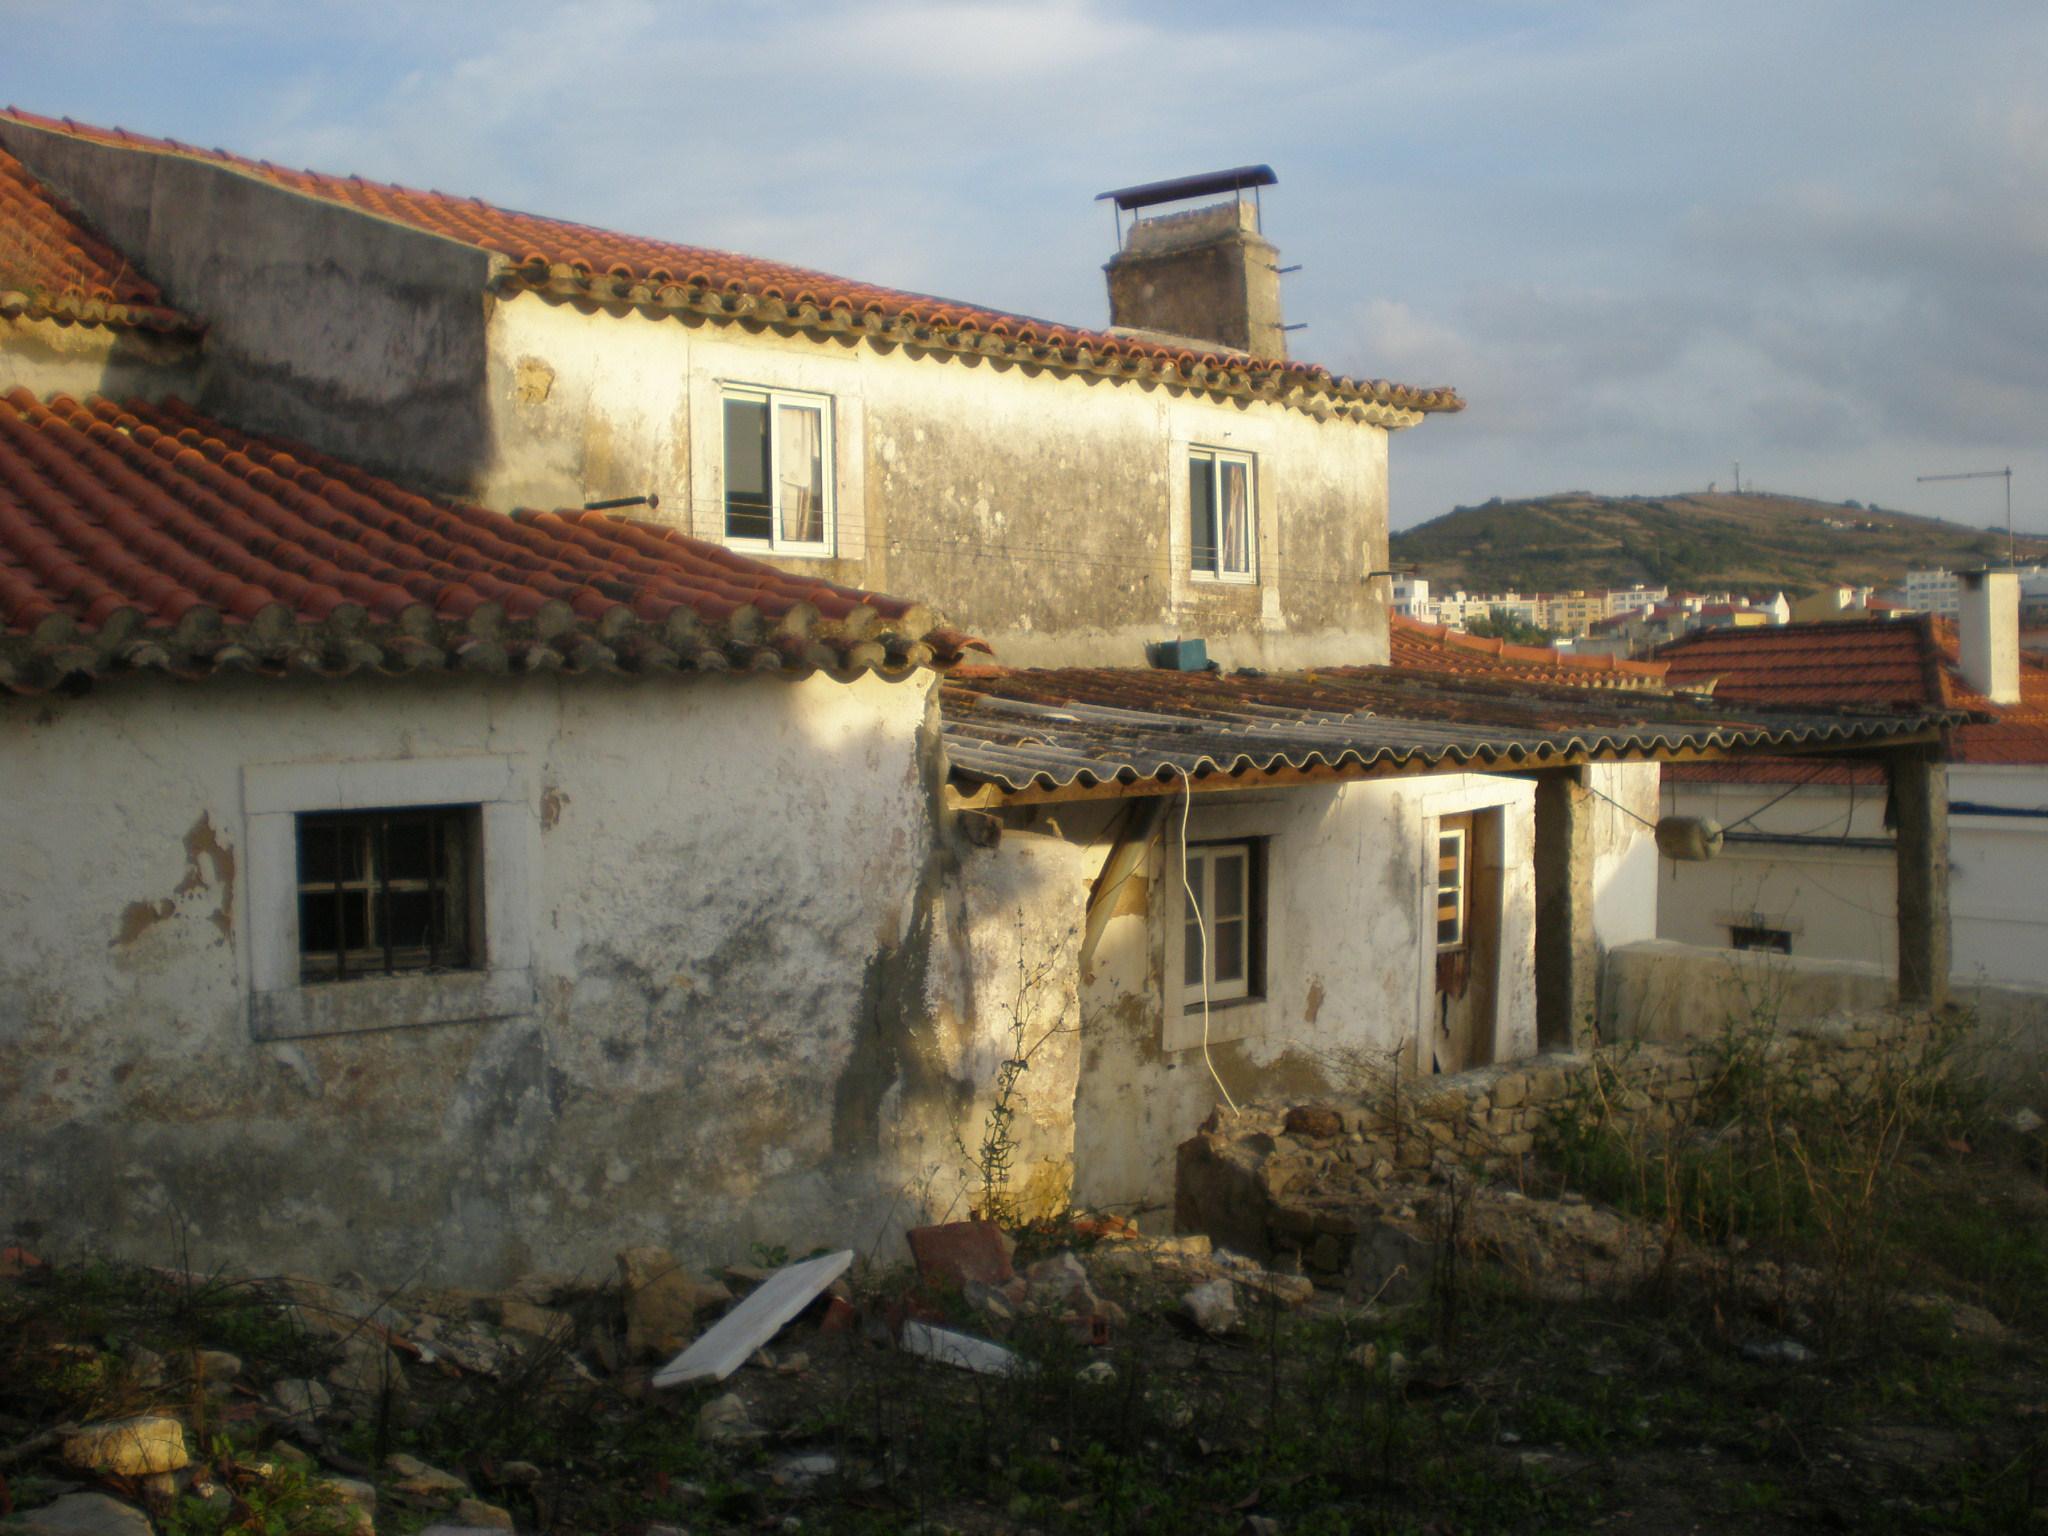 Casa Cerca da Josefa | Novo projeto de reabilitação em zona histórica